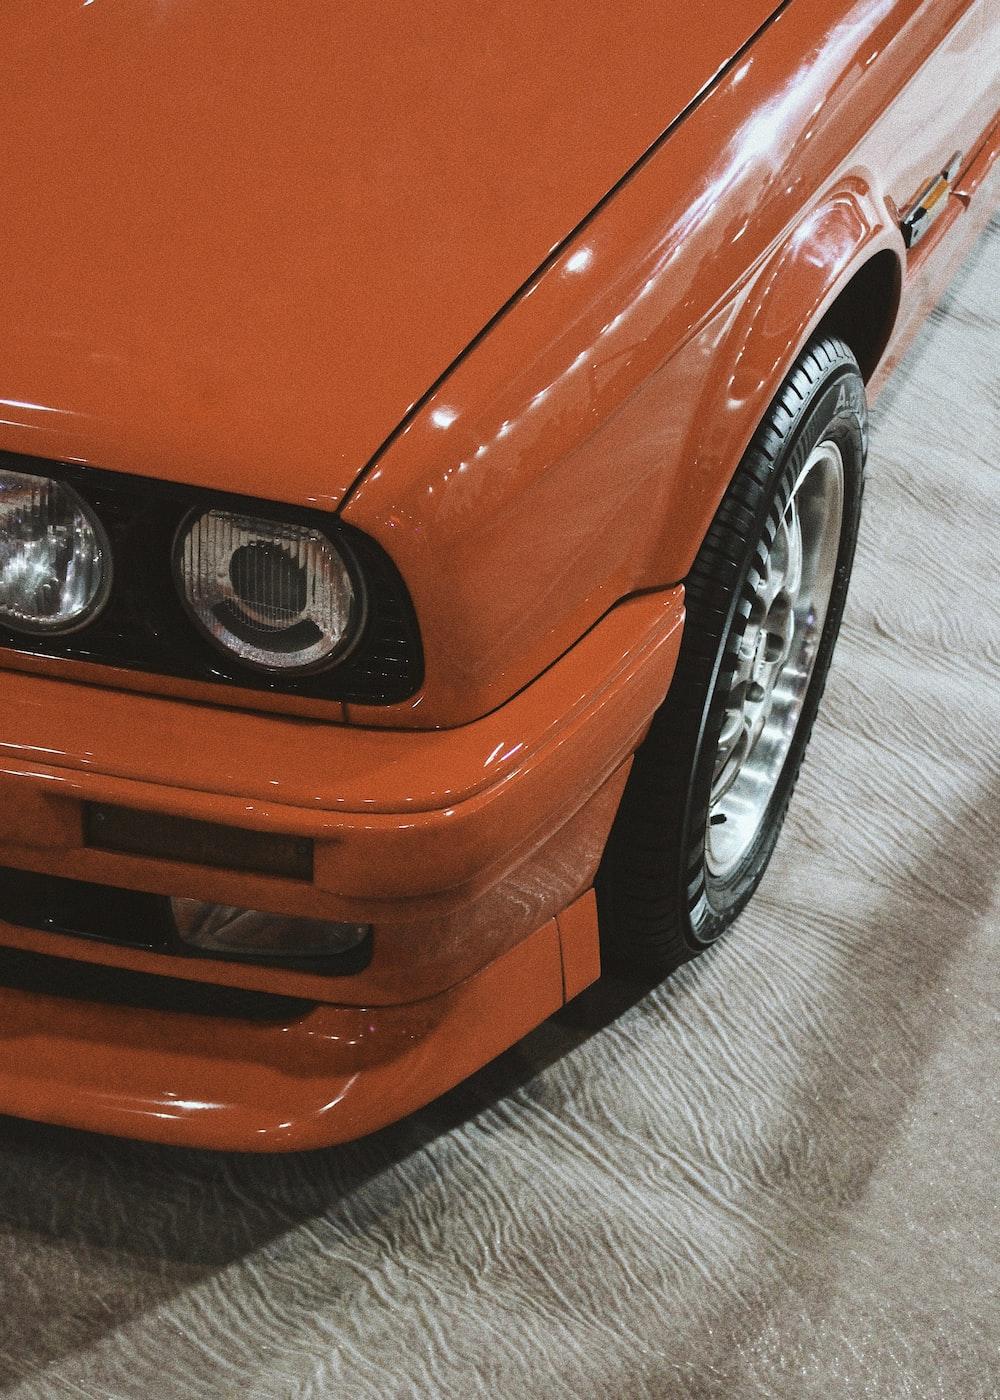 orange car on gray concrete floor